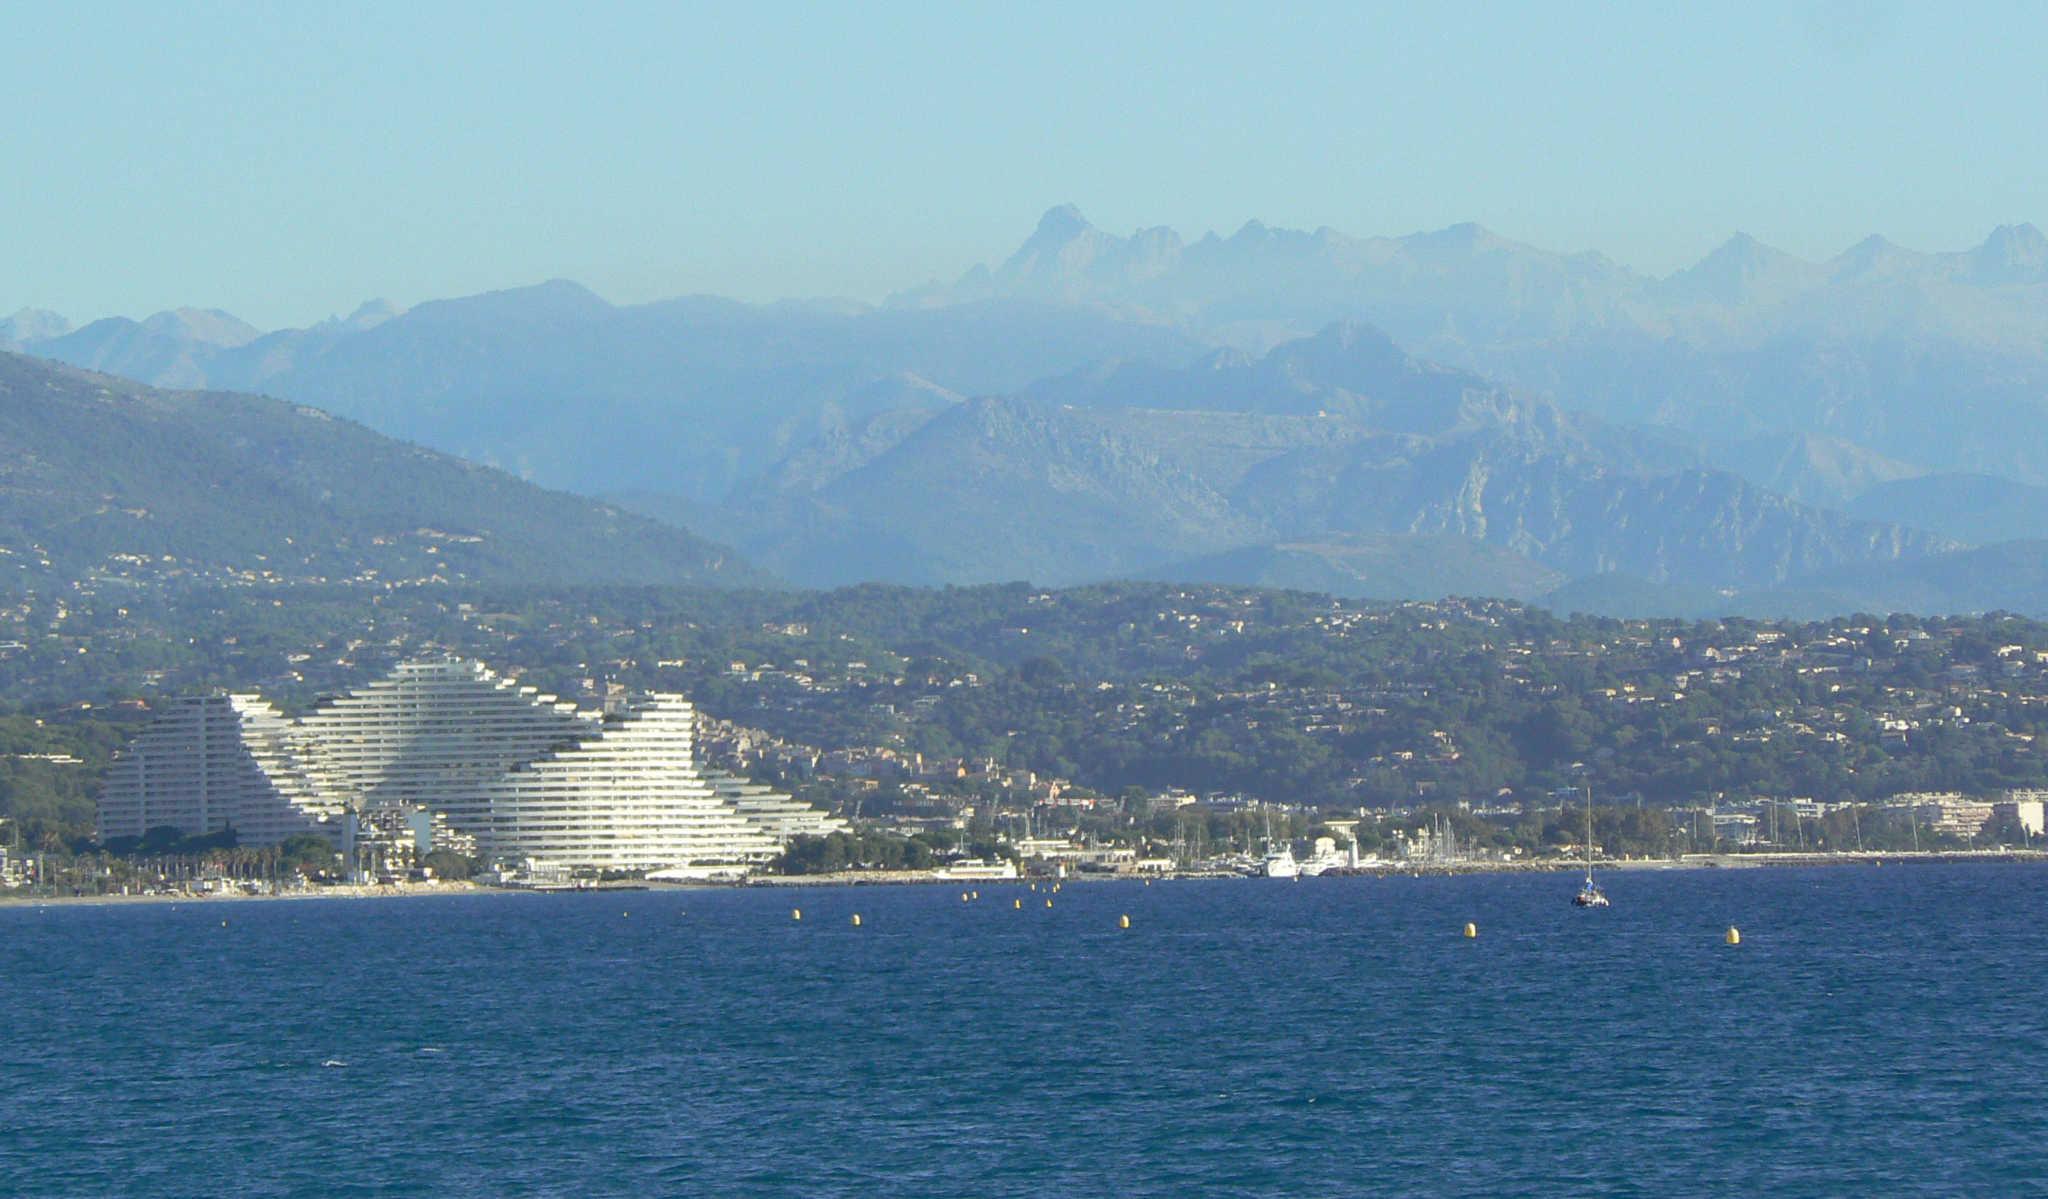 Villeneuve-Loubet_Marina_Marquise_des_Anges_Immeuble_Amiral_@J. Vincent